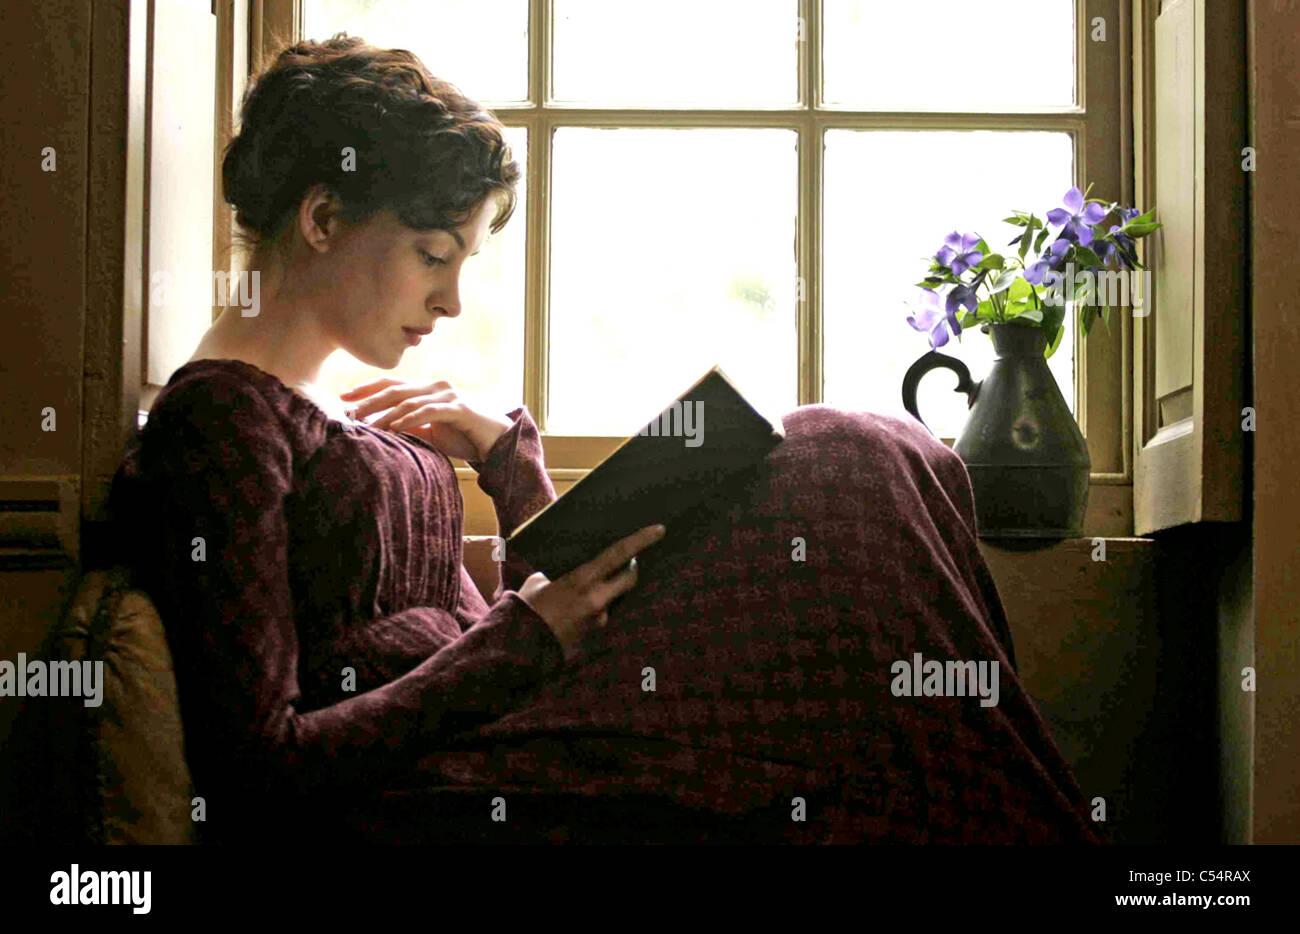 BECOMING JANE 2007 HanWay Films/ UK Film Council Film con Anne Hathaway. Imagen De Stock